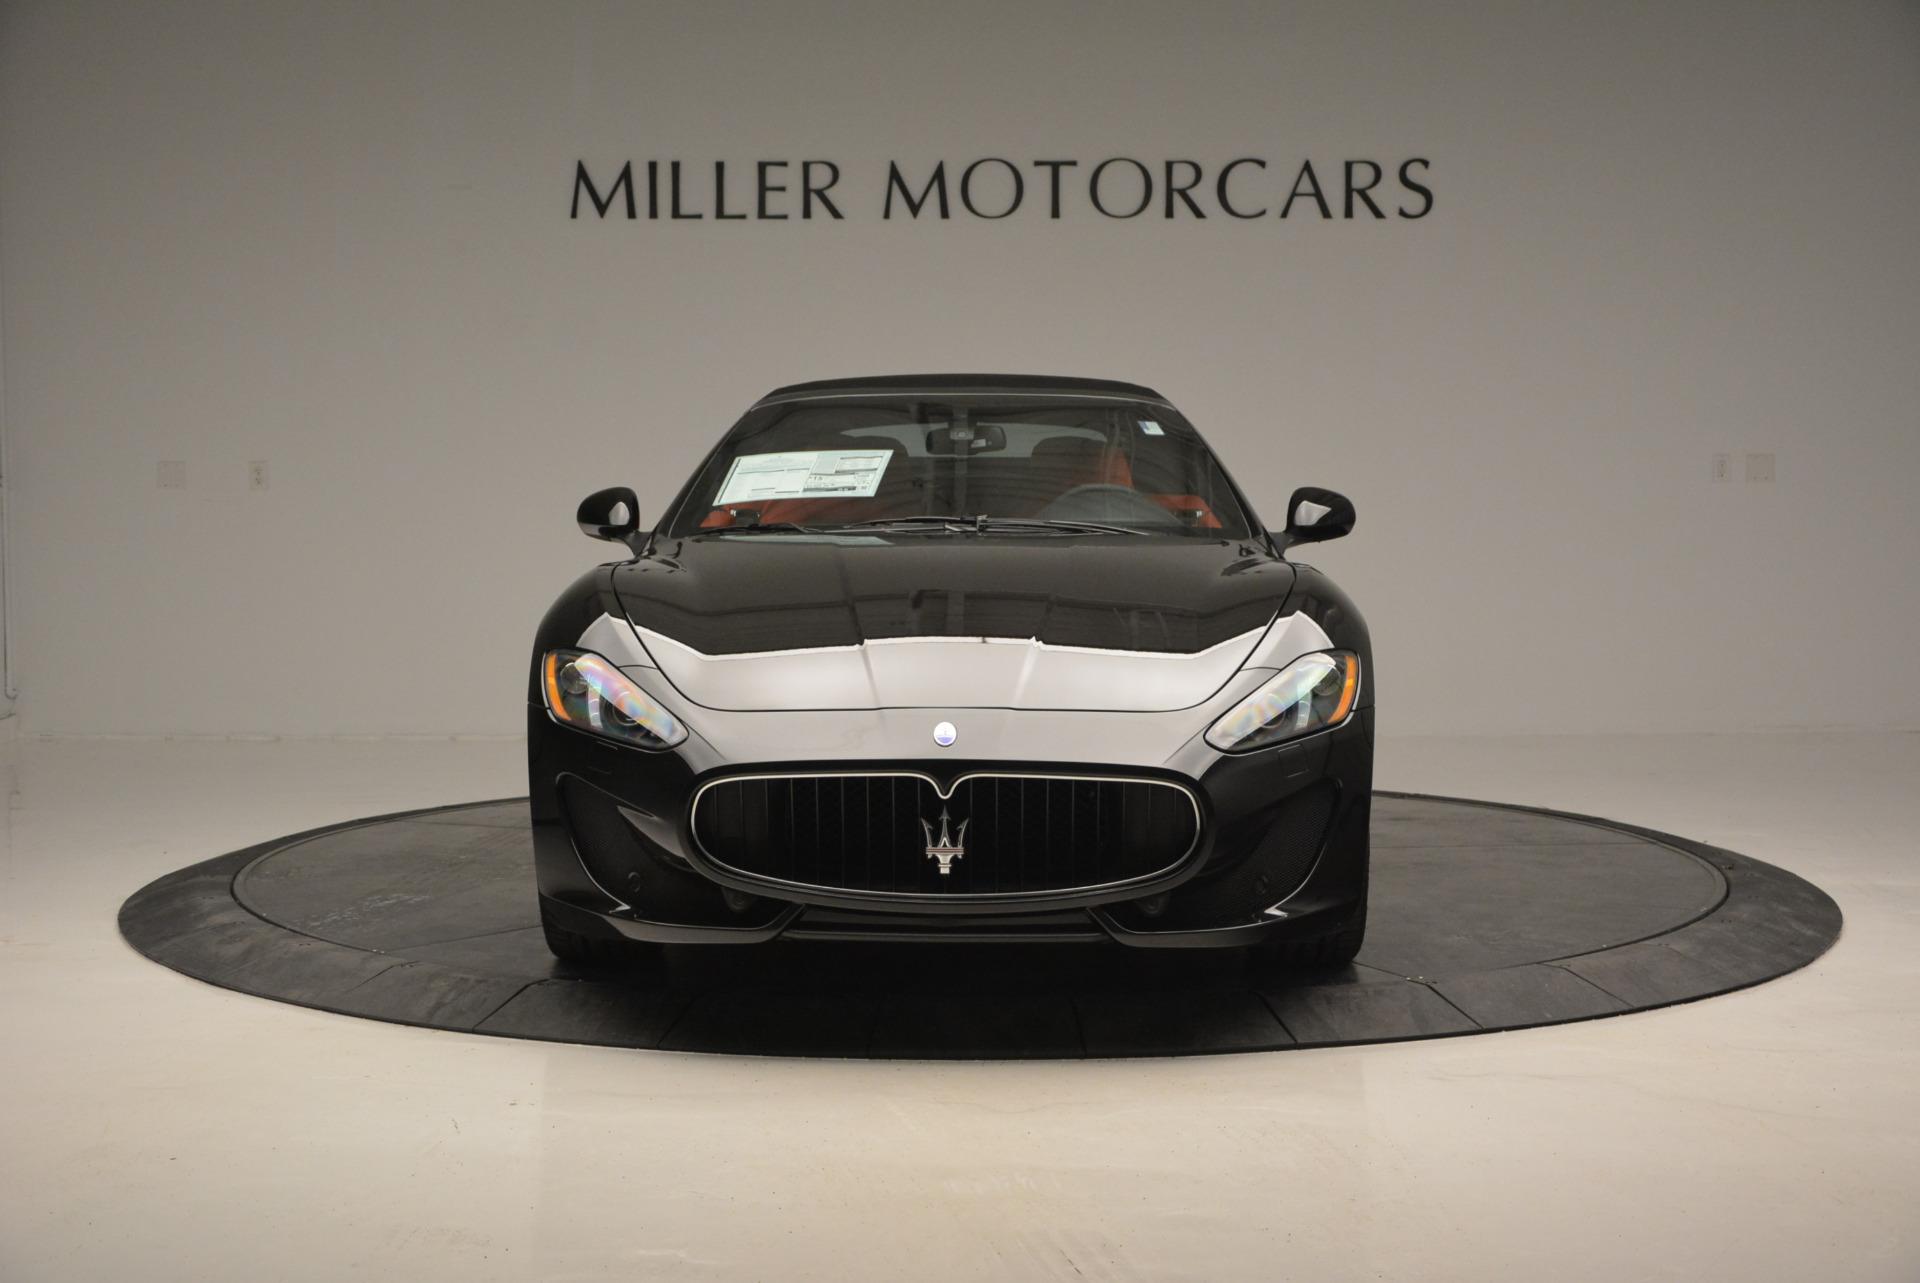 New 2017 Maserati GranTurismo Cab Sport For Sale In Greenwich, CT 687_p19